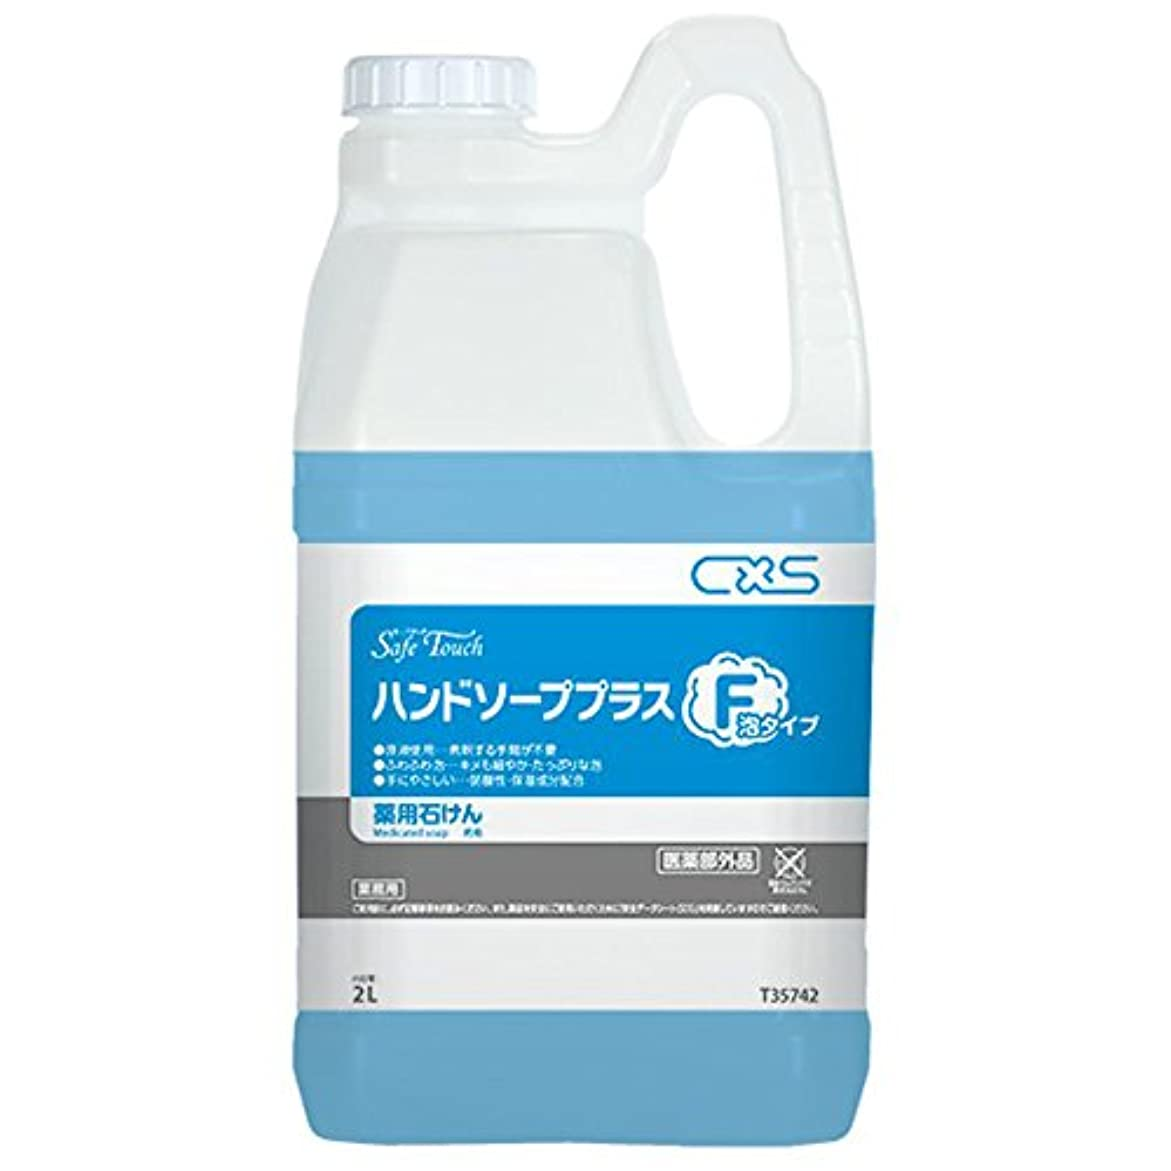 セッティング厚いほとんどないシーバイエス(C×S) 殺菌?消毒用手洗い石けん セーフタッチハンドソーププラスF 2L